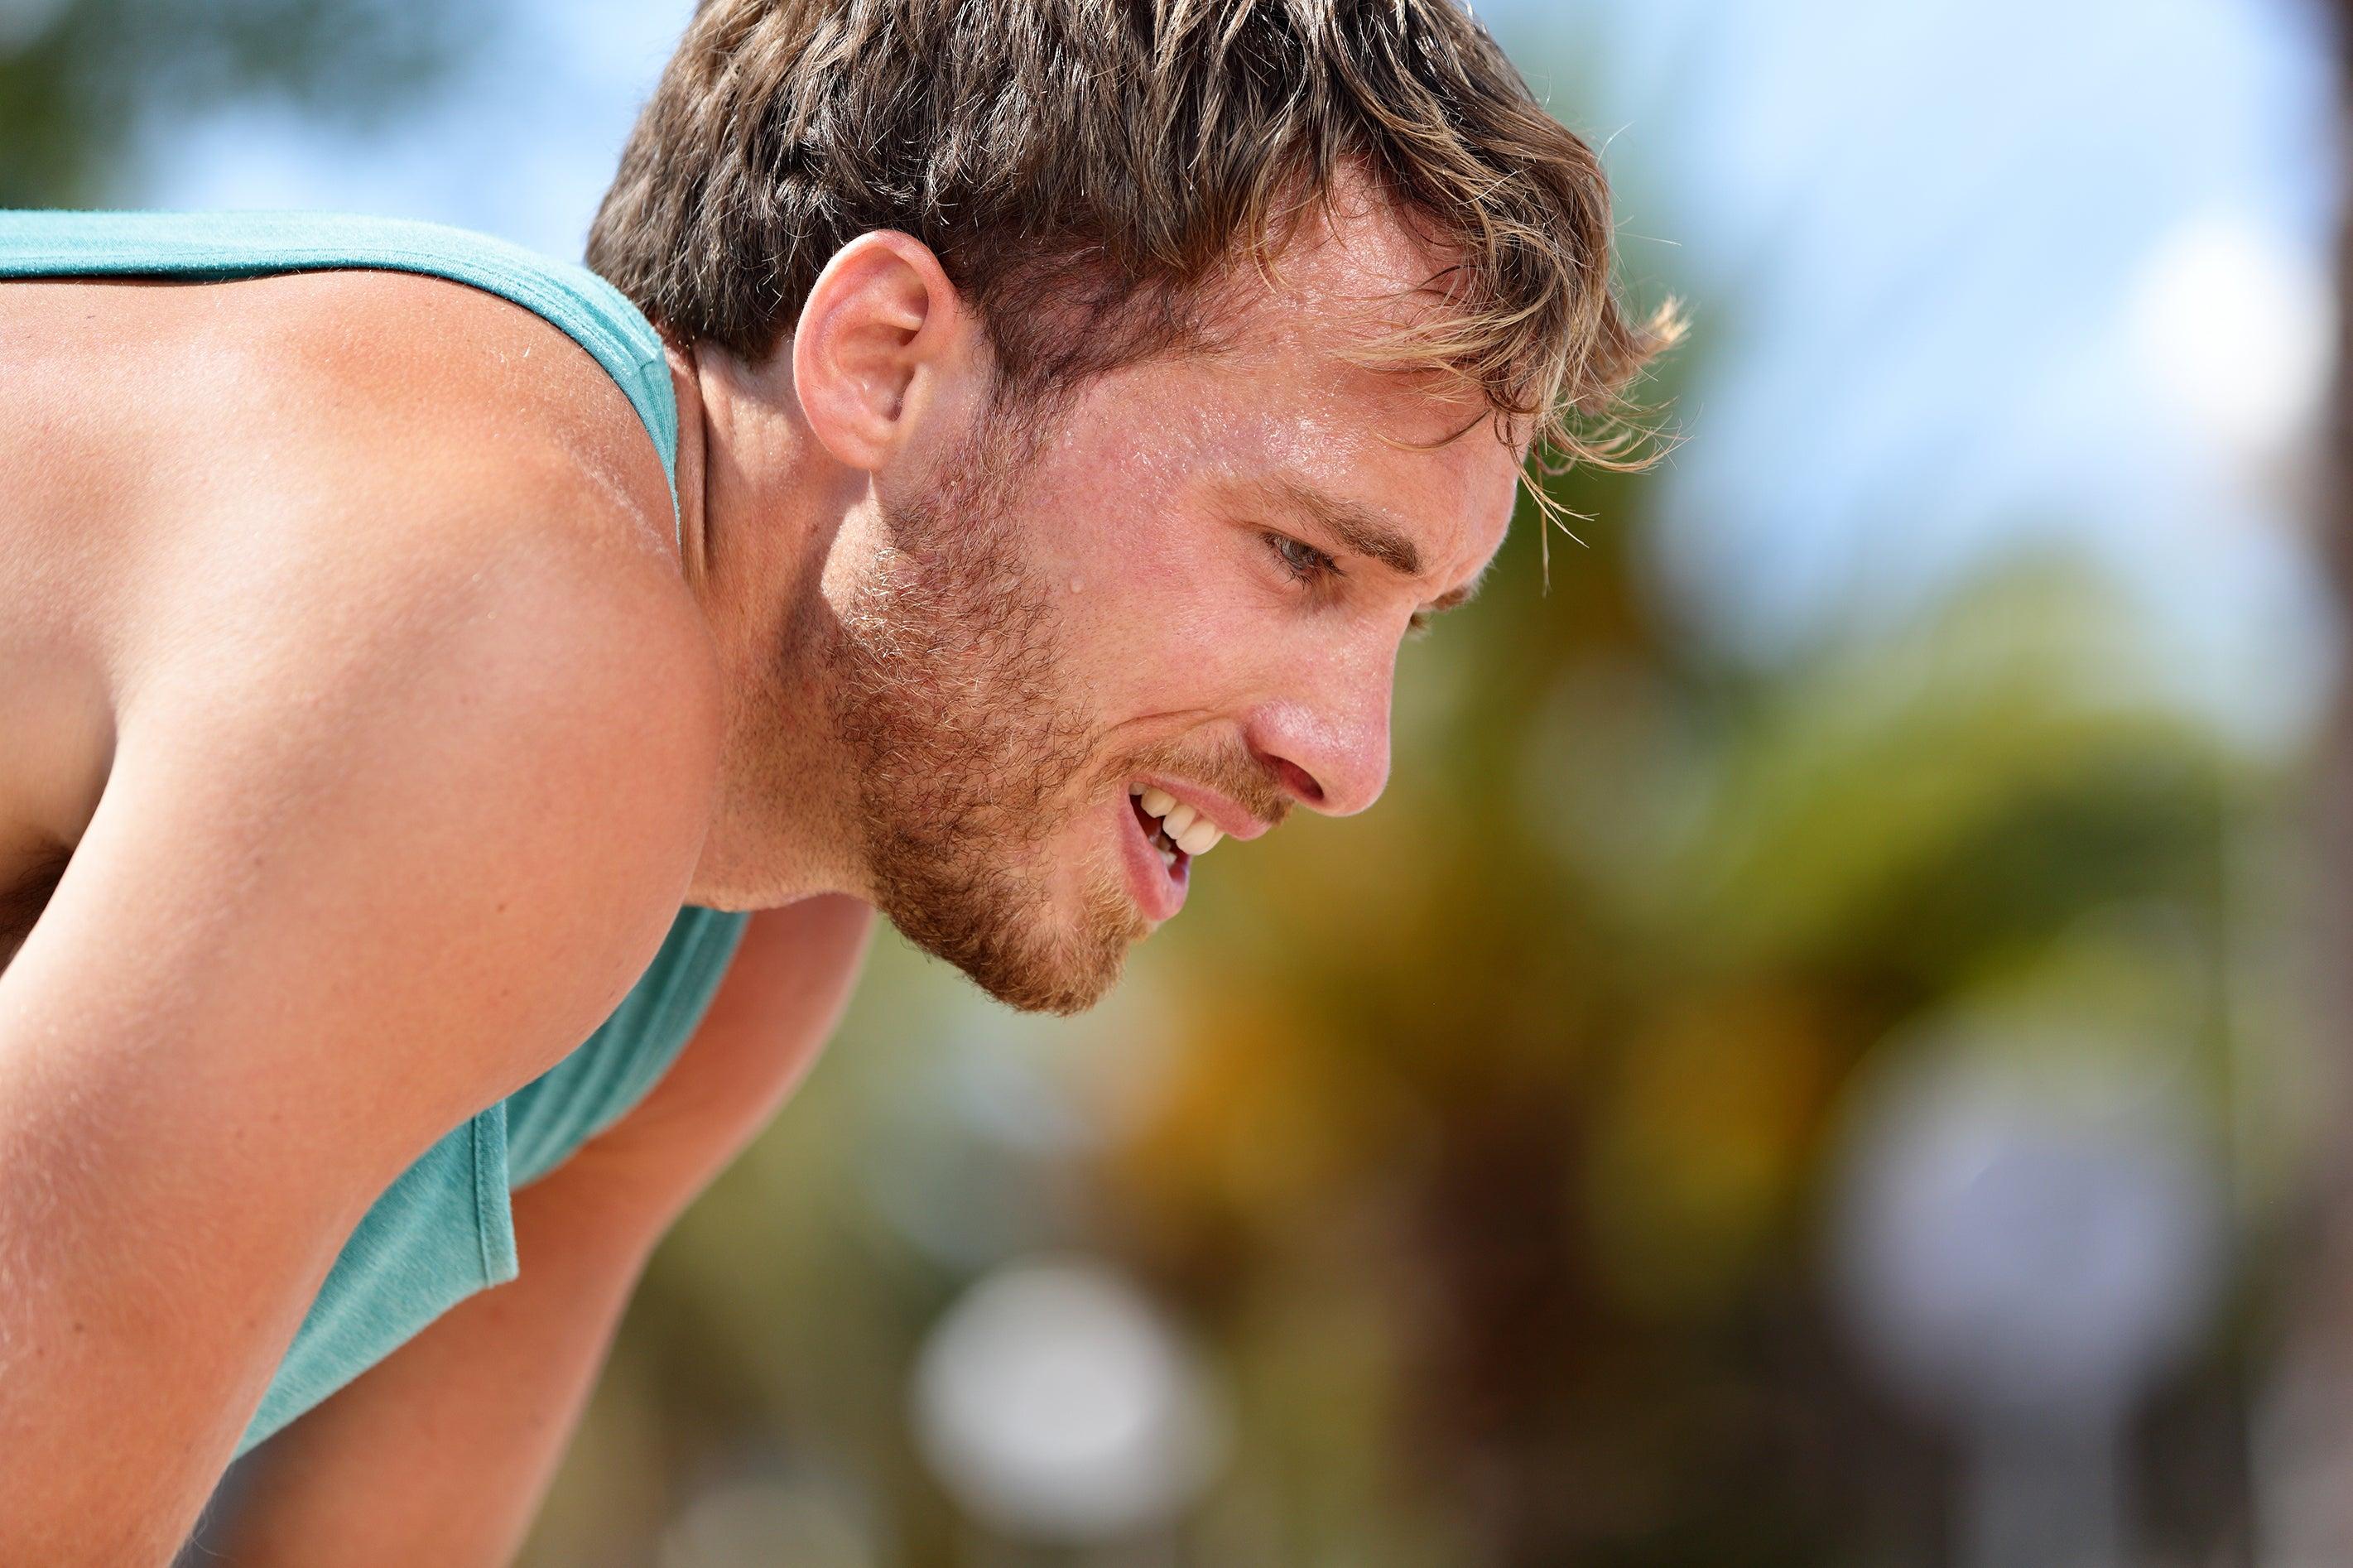 hot, sweaty runner